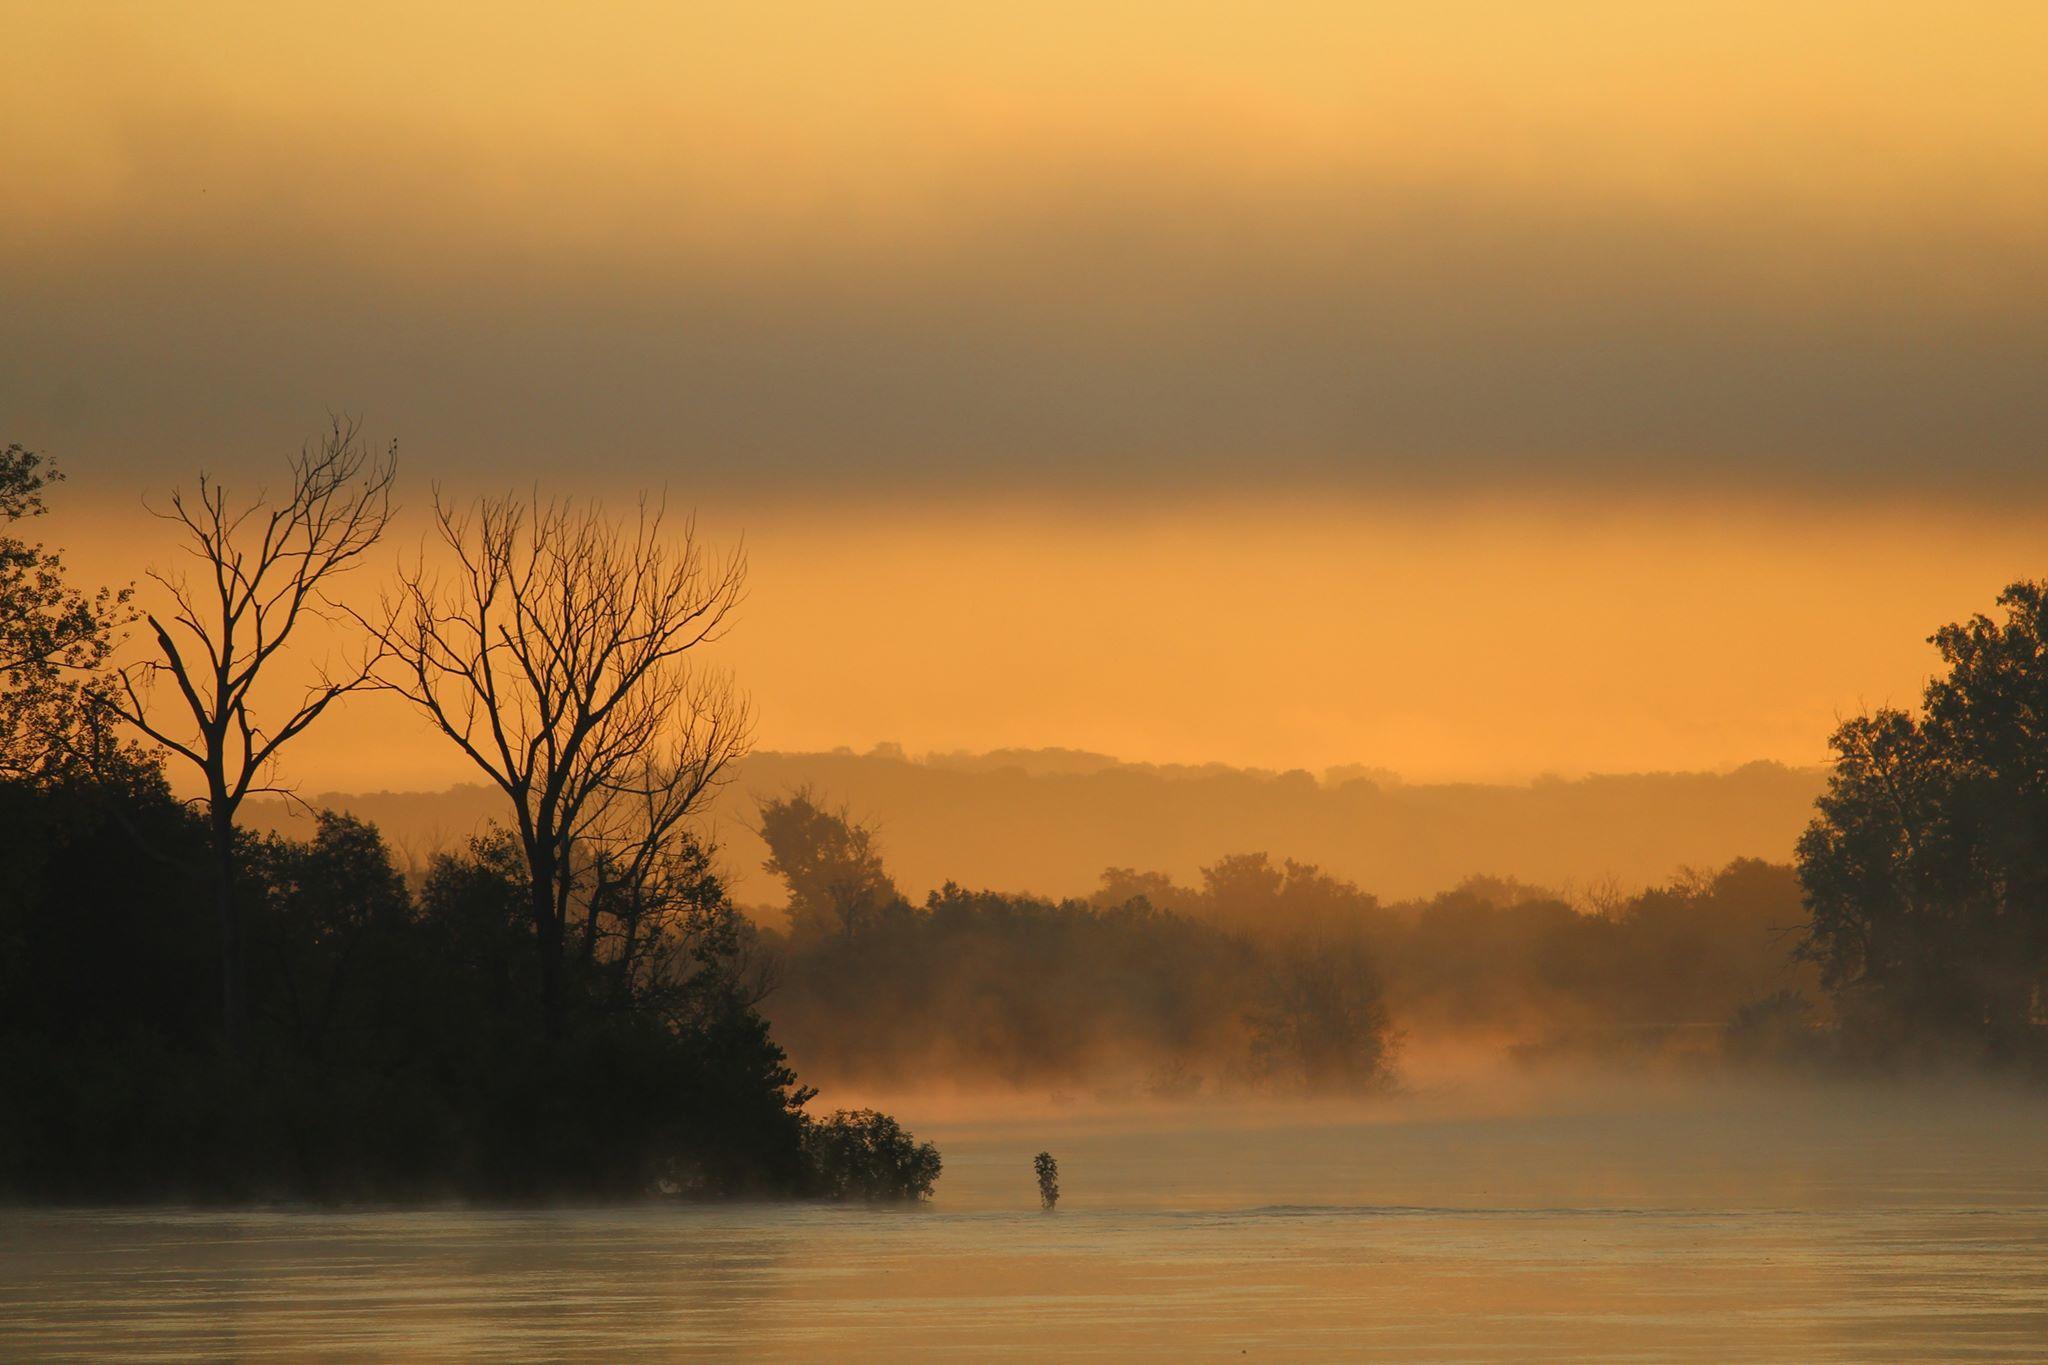 A foggy September morning on the riverfront near Omaha, NE.  📷: Ben Overstreet https://t.co/Bo2hrZgtmz